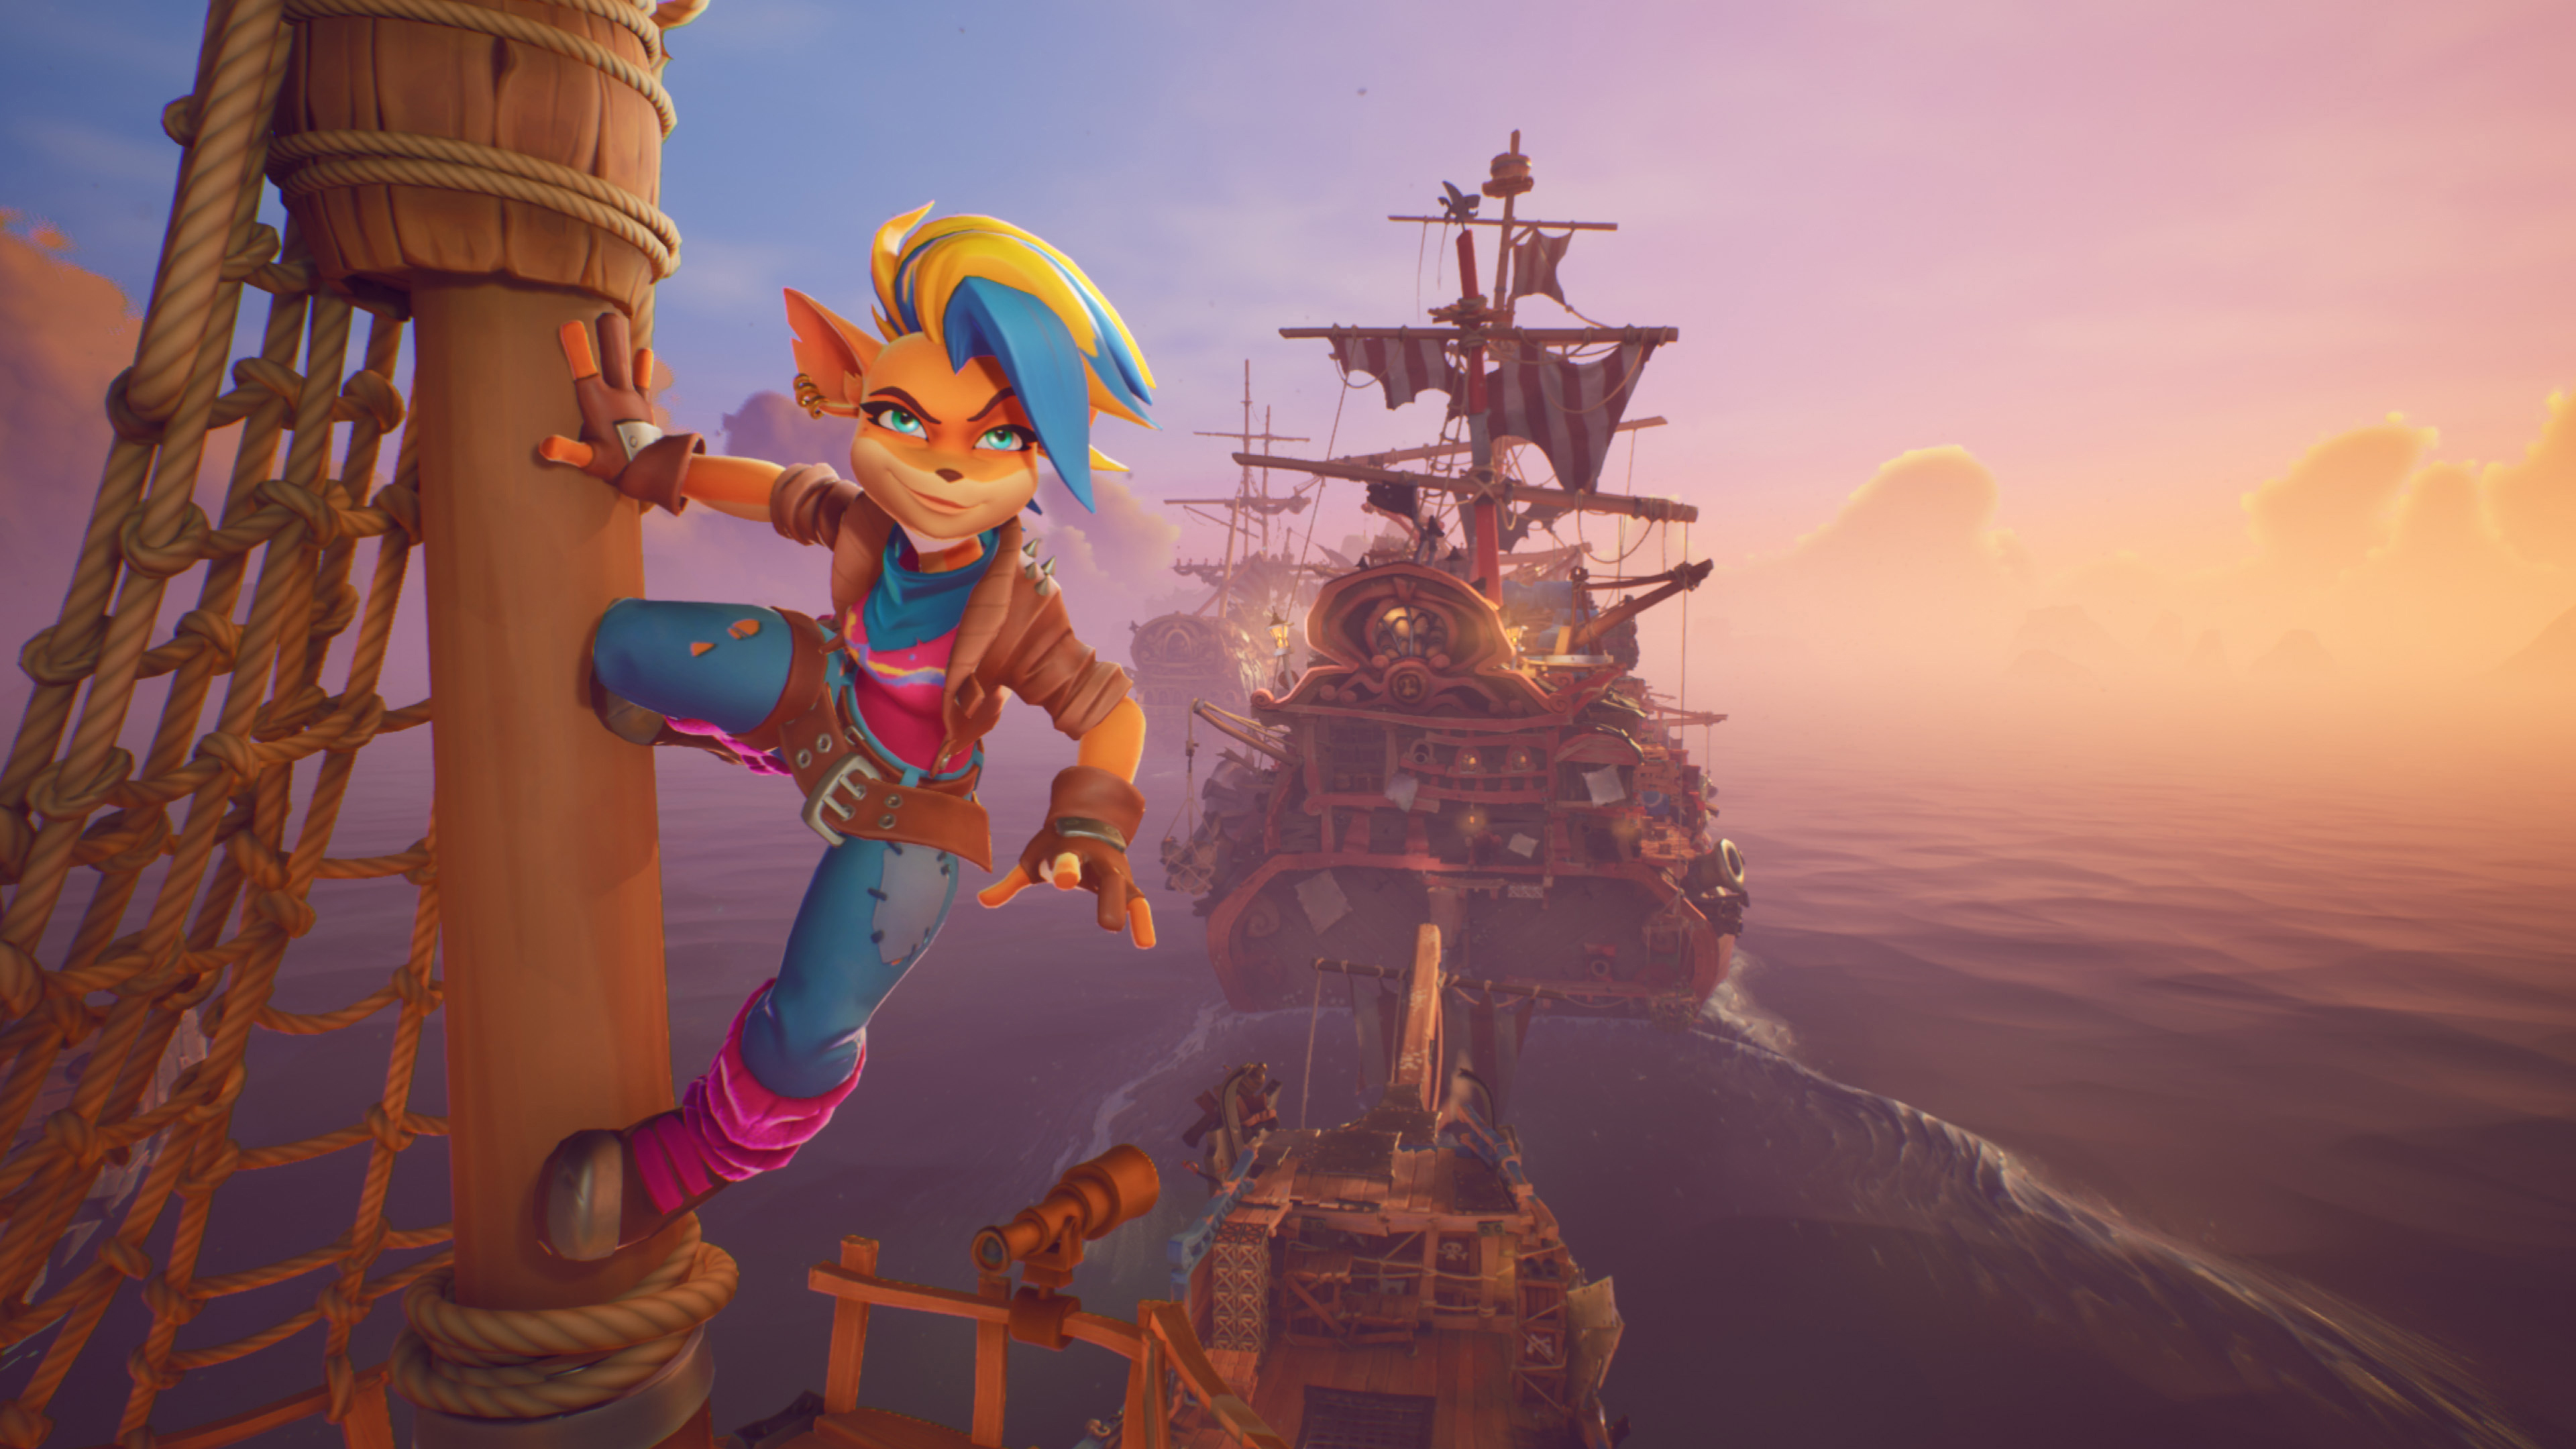 Скриншот №1 к Crash Bandicoot - юбилейный набор Crash